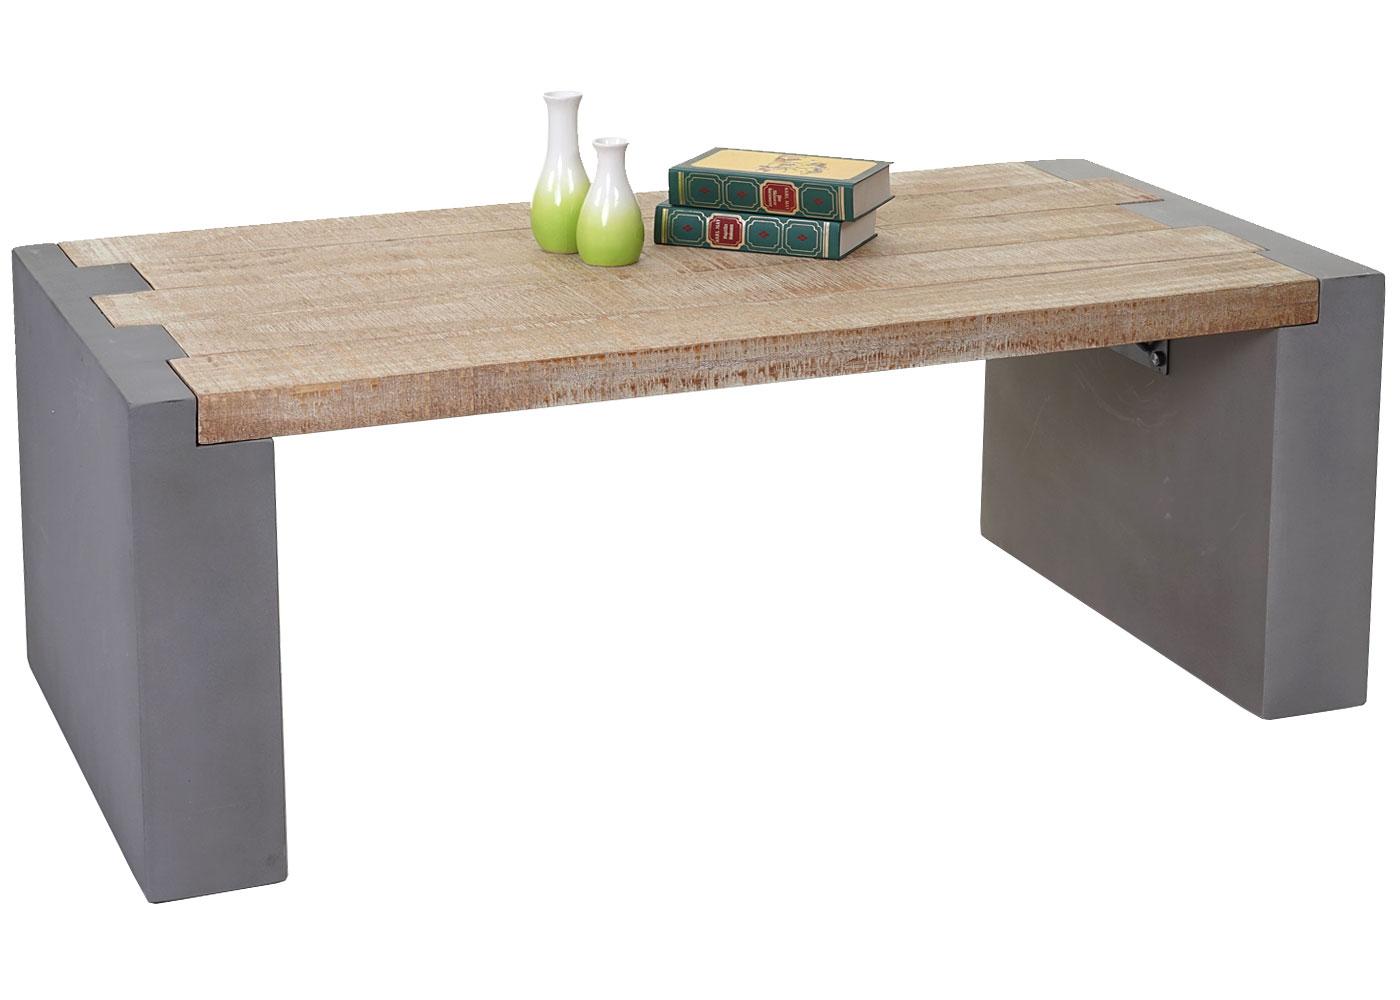 couchtisch beton optik tanne holz rustikal. Black Bedroom Furniture Sets. Home Design Ideas